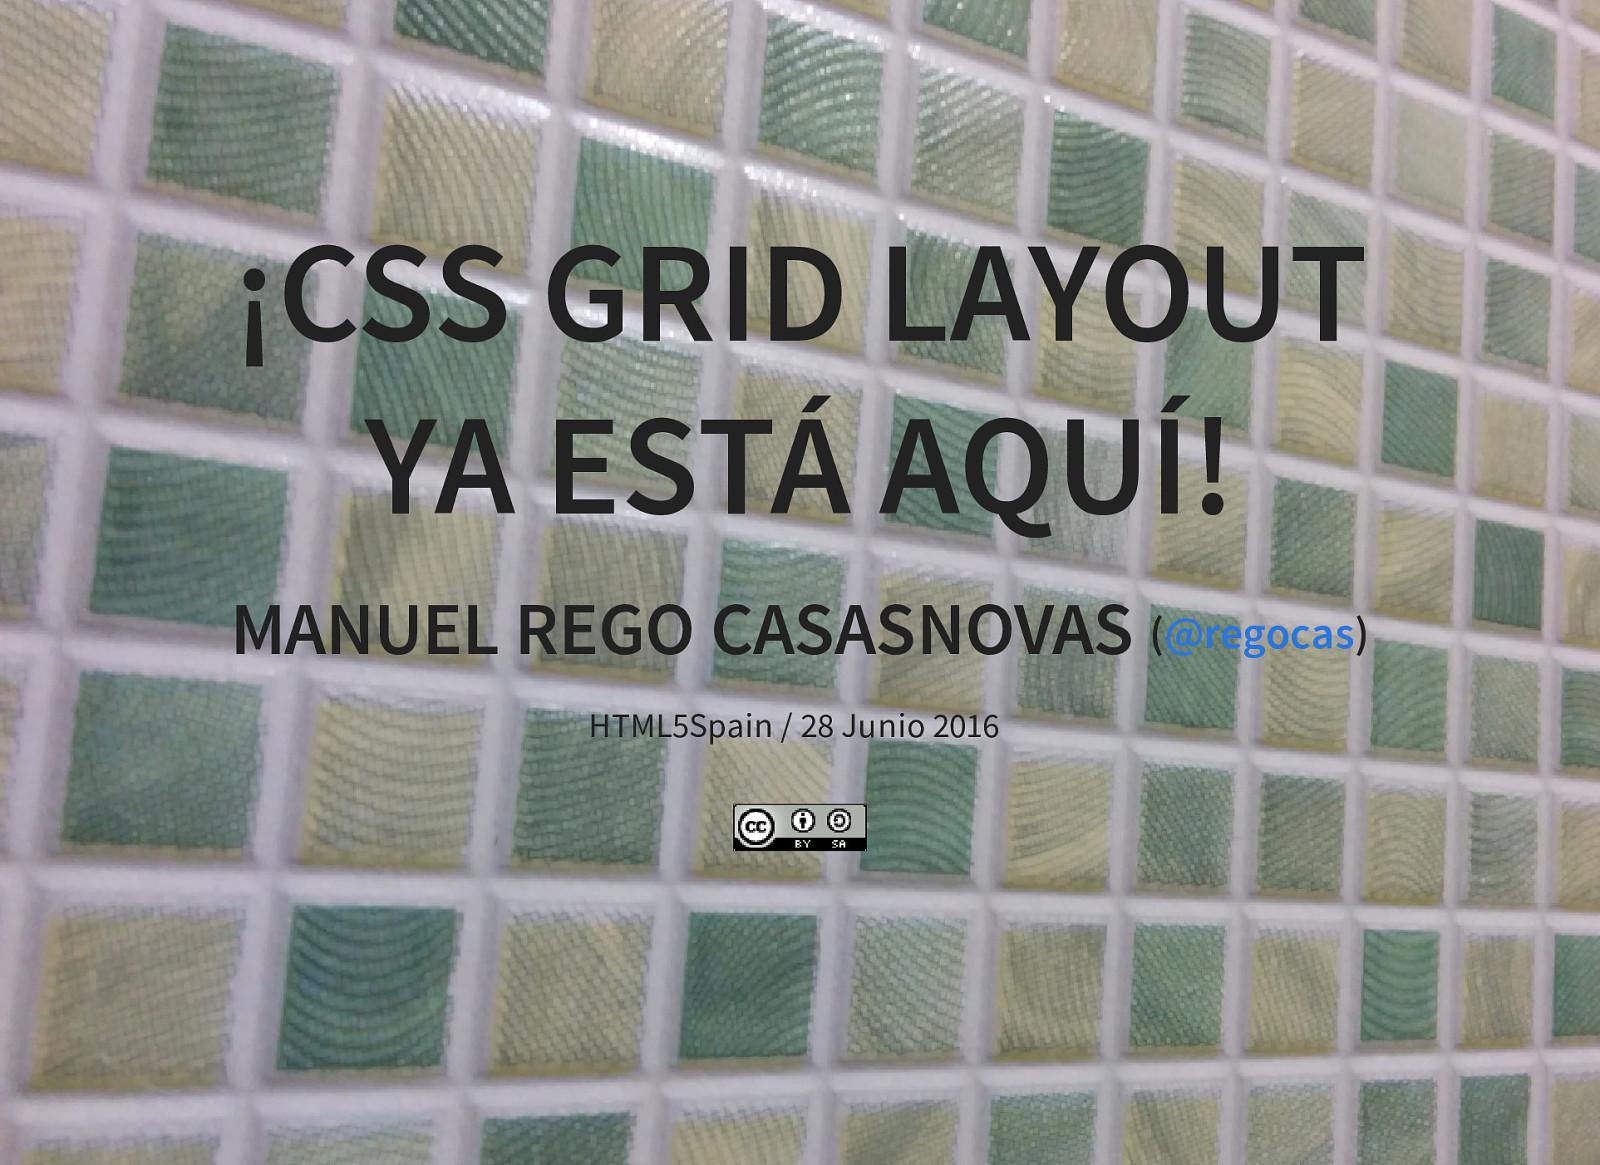 Spanish: ¡CSS Grid Layout ya está aquí!